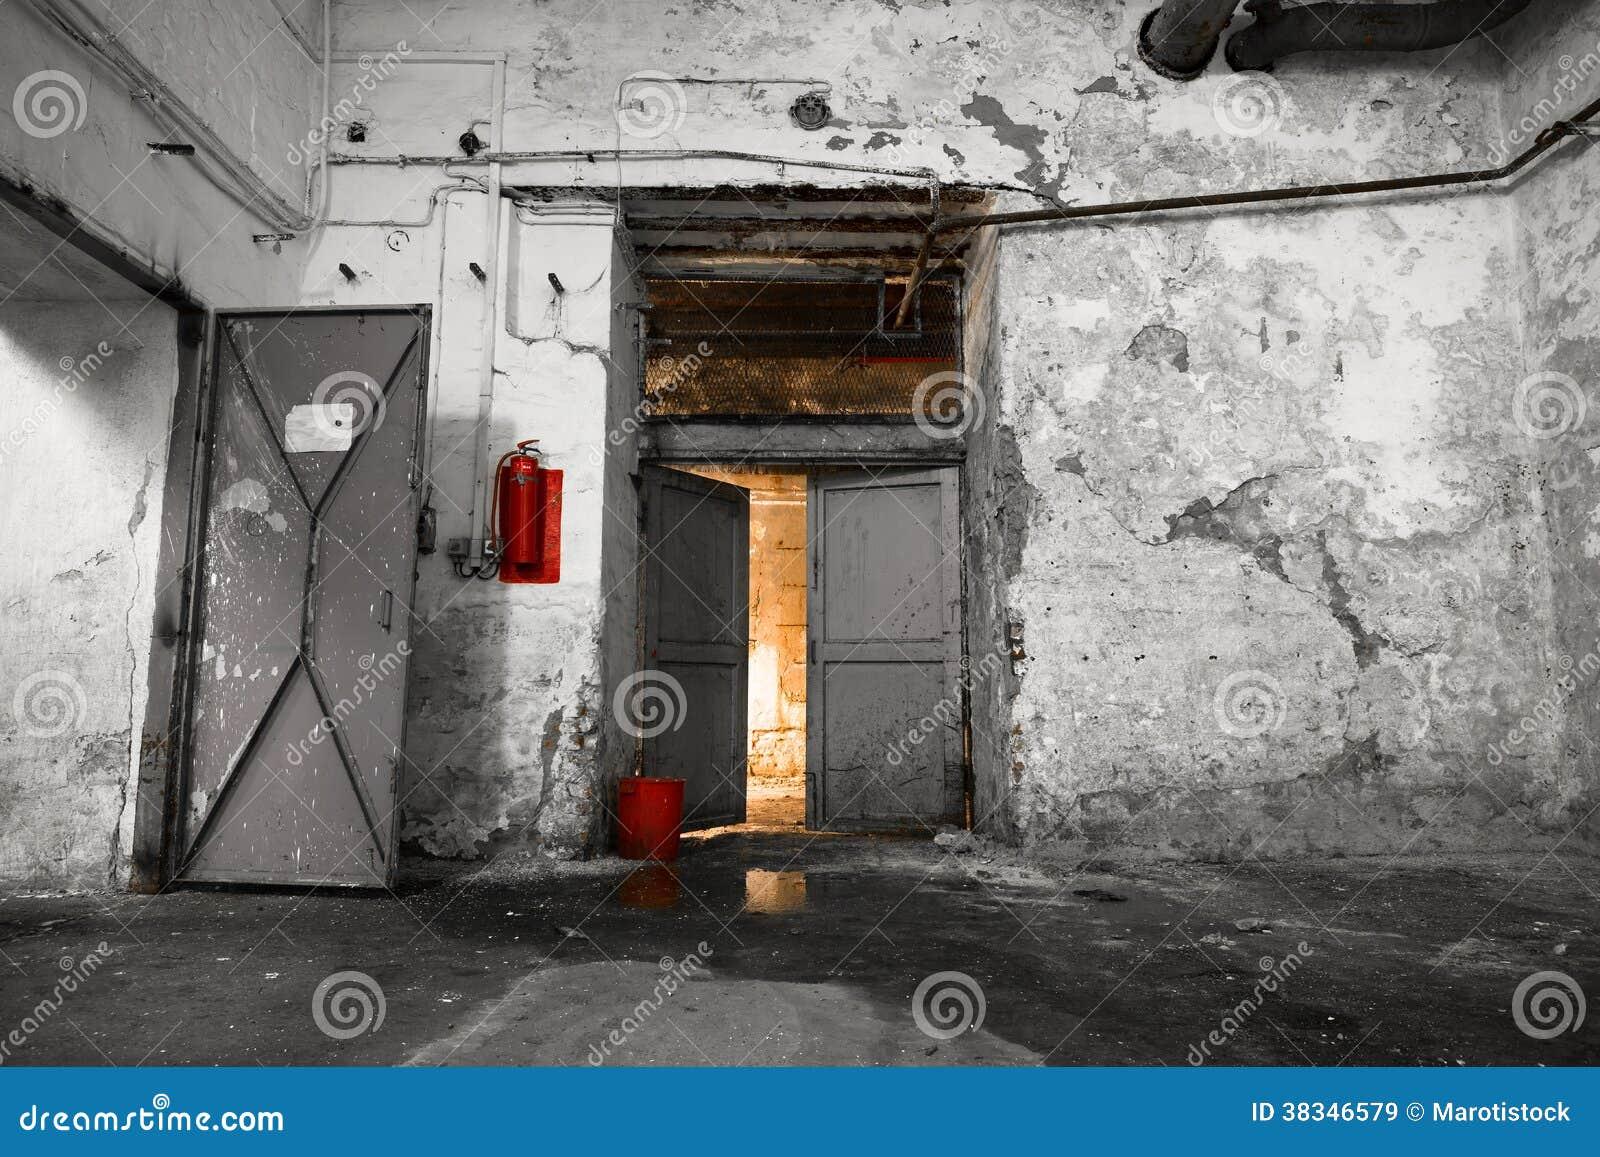 l 39 int rieur d 39 un vieux b timent industriel sous sol images libres de droits image 38346579. Black Bedroom Furniture Sets. Home Design Ideas